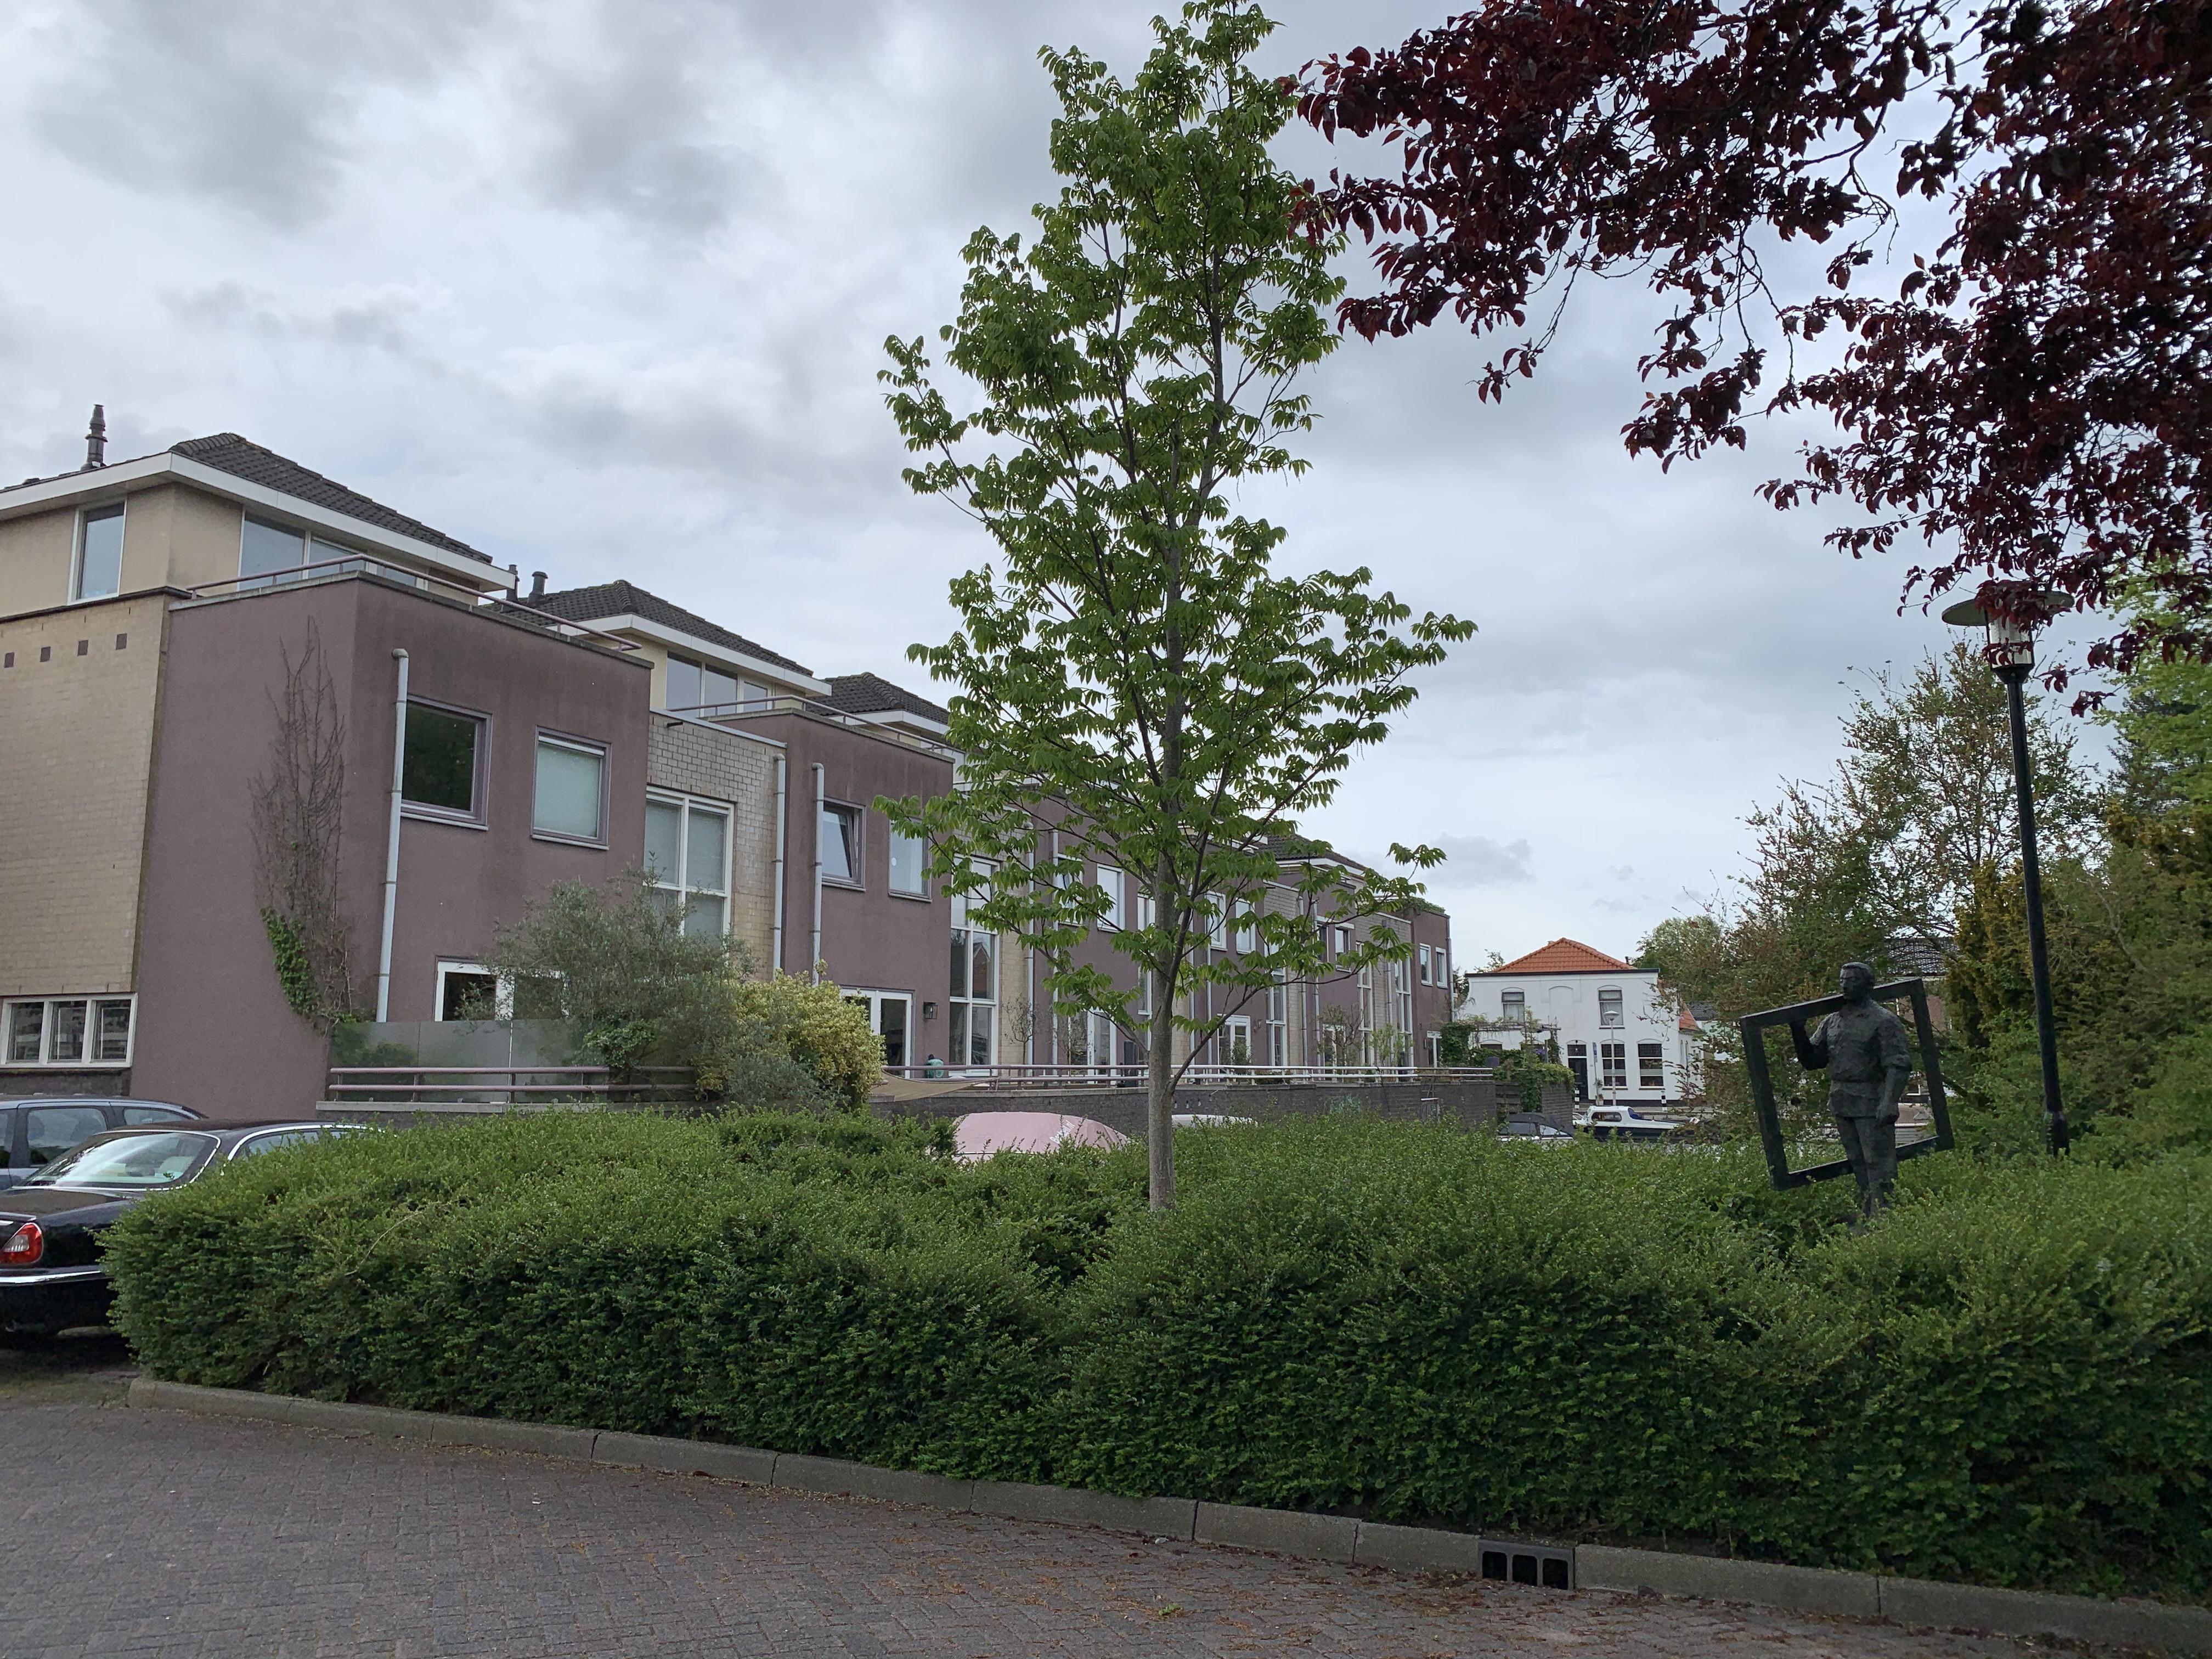 Uitspraak in zaak Hofzicht Hillegom: bewoners laagbouw moeten afvalcontainers pikken van appartementen ernaast